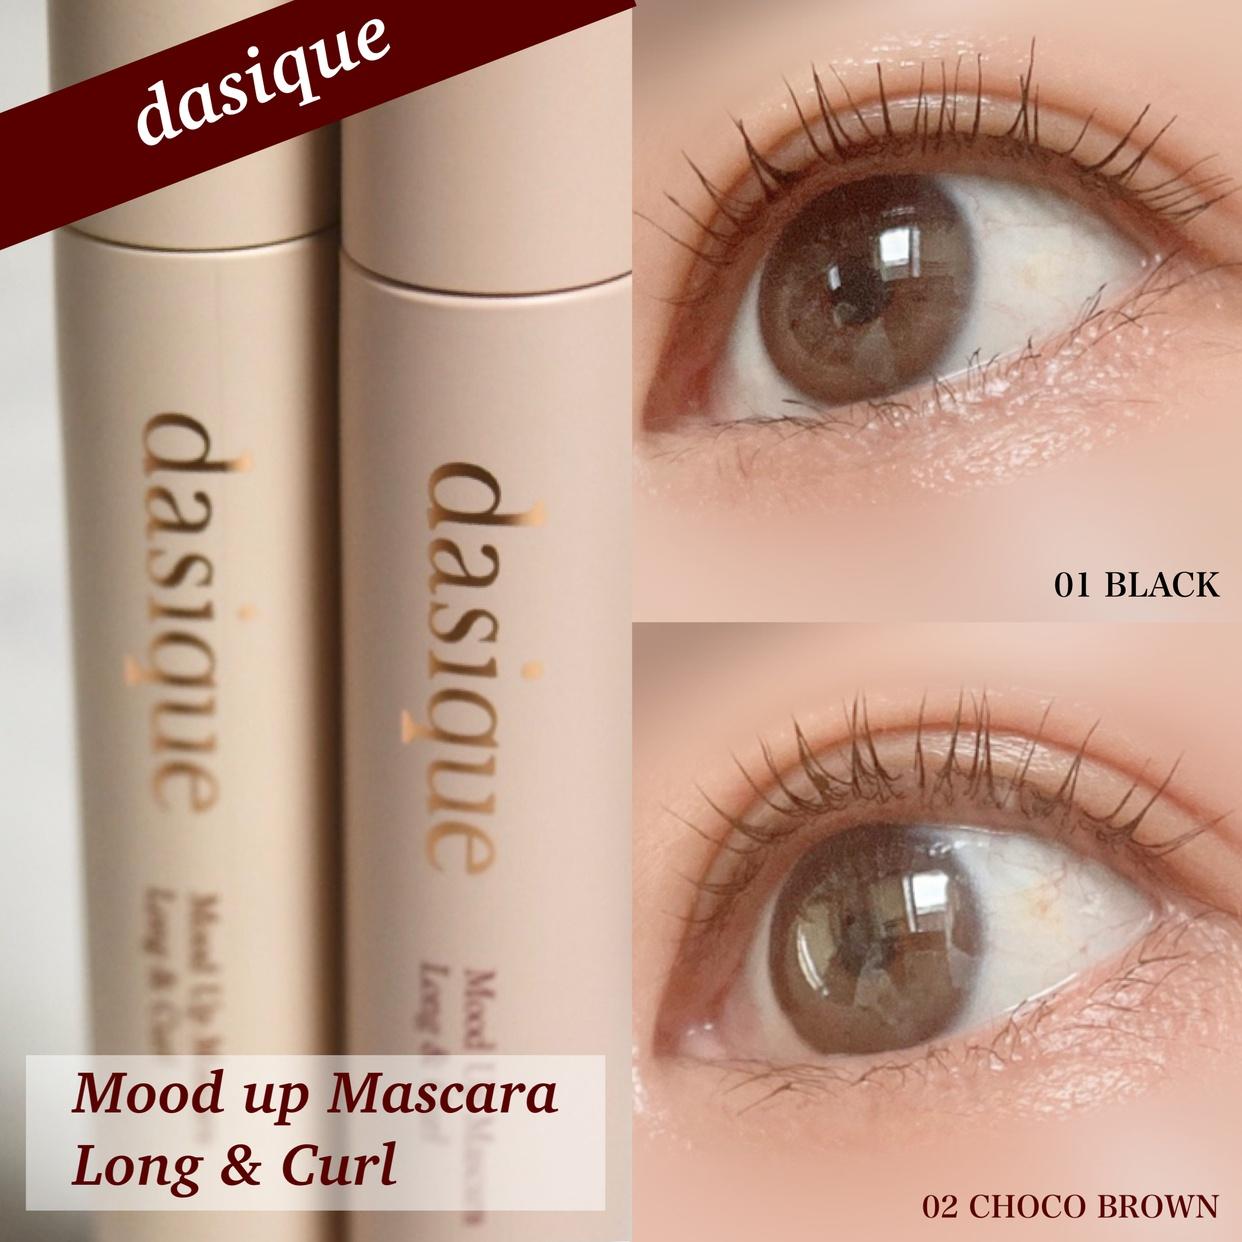 dasique(デイジーク) ムード アップ マスカラを使ったみゆさんのクチコミ画像